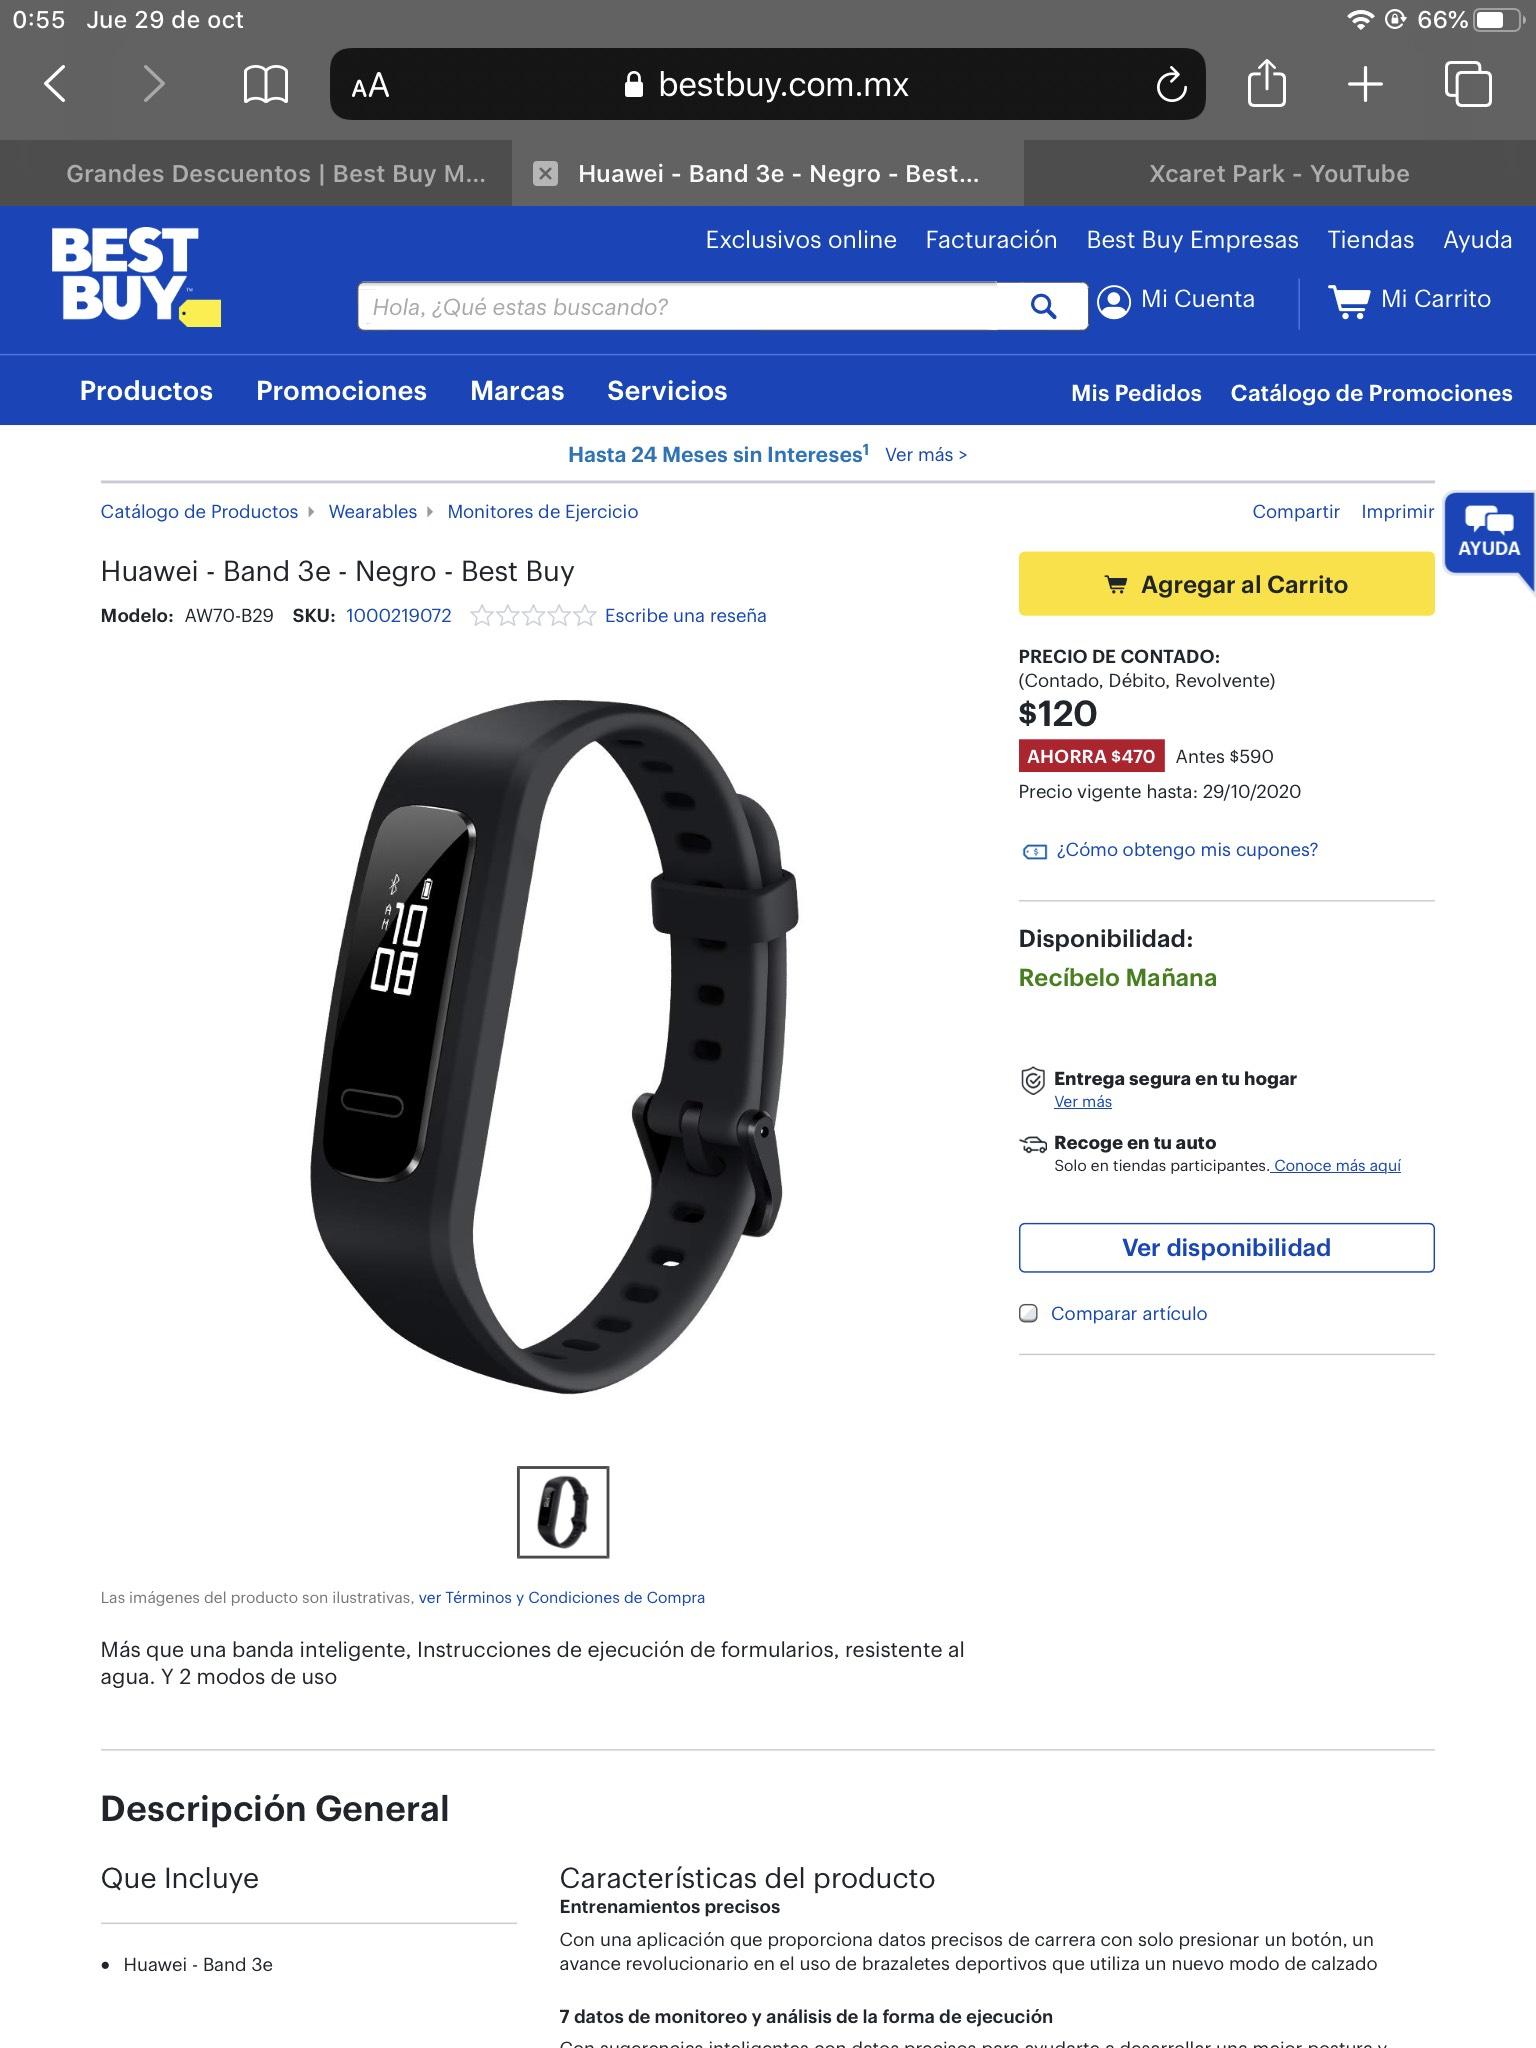 Huawei - Band 3e - Negro - Best Buy